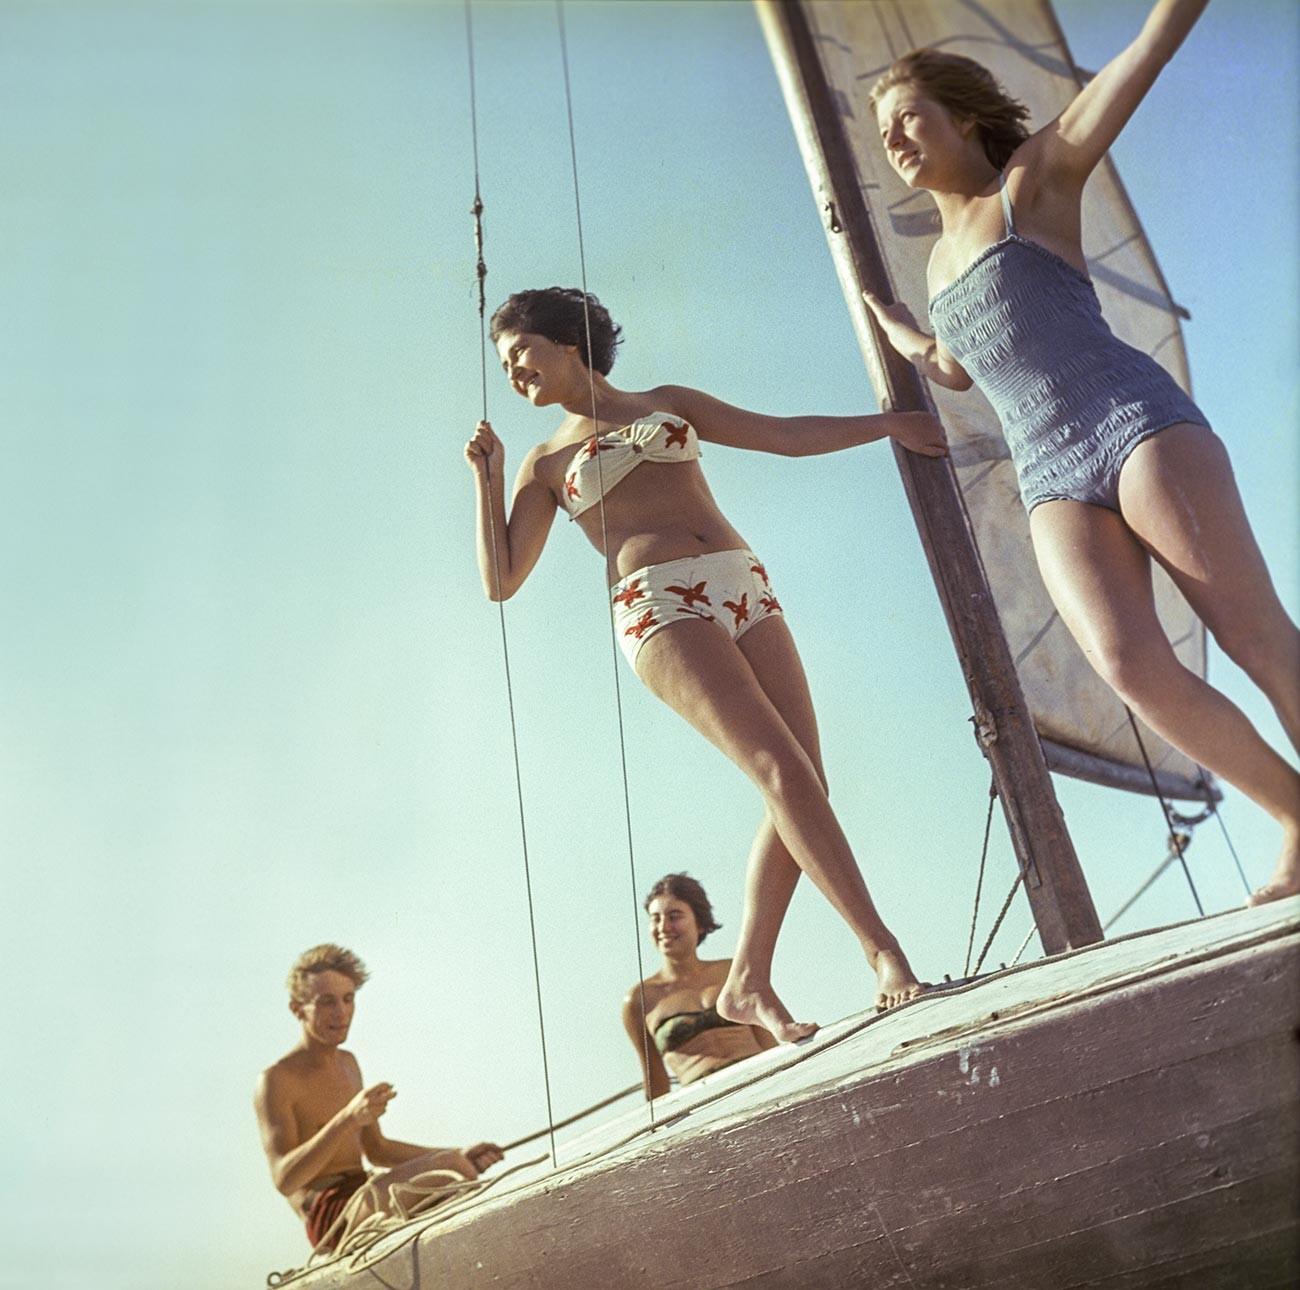 Прогулка на яхте, 1963 год.